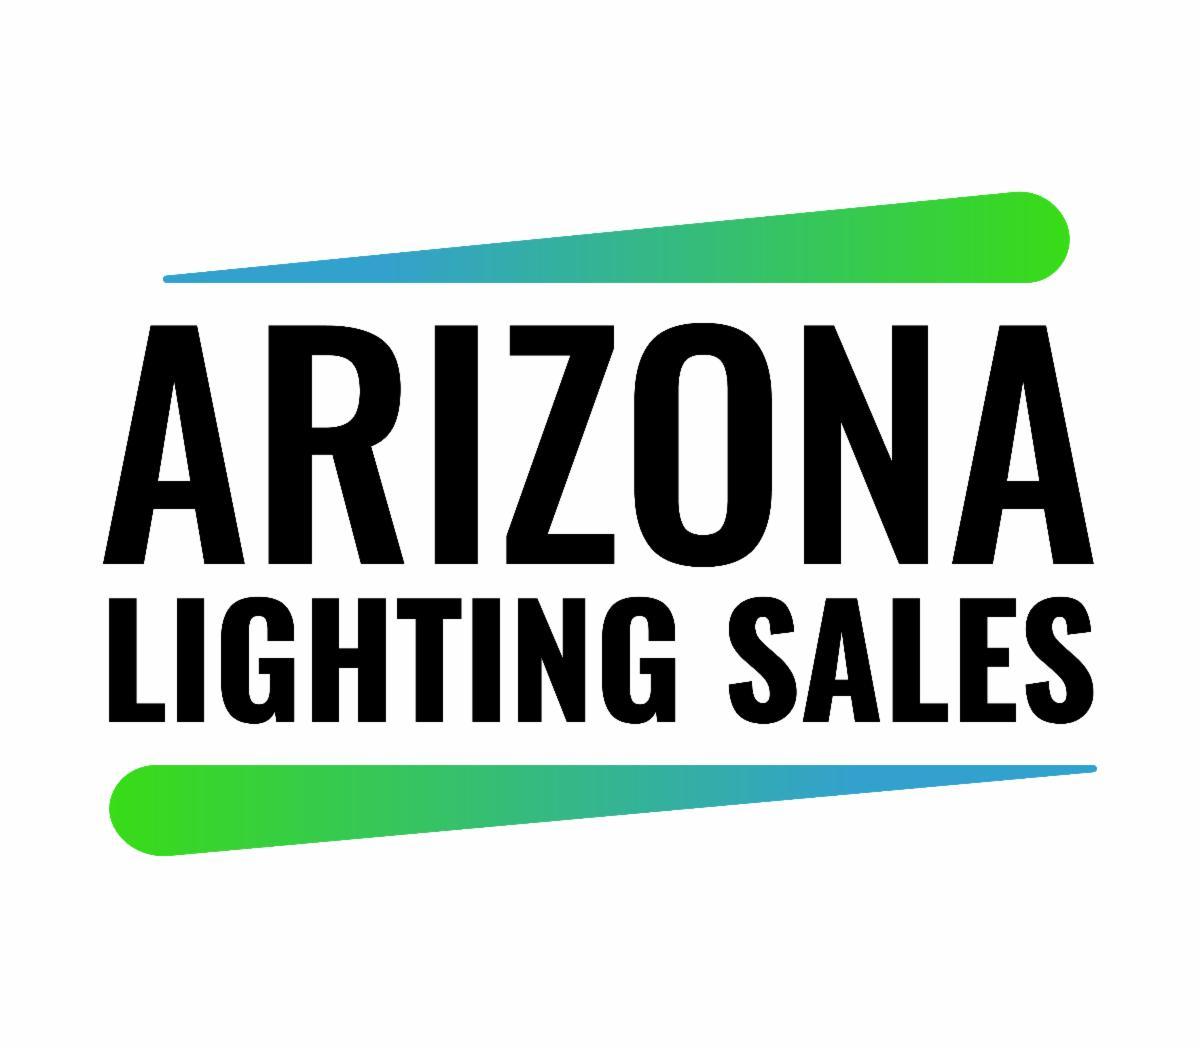 ArizonaLightingSales_White-Background.jpg